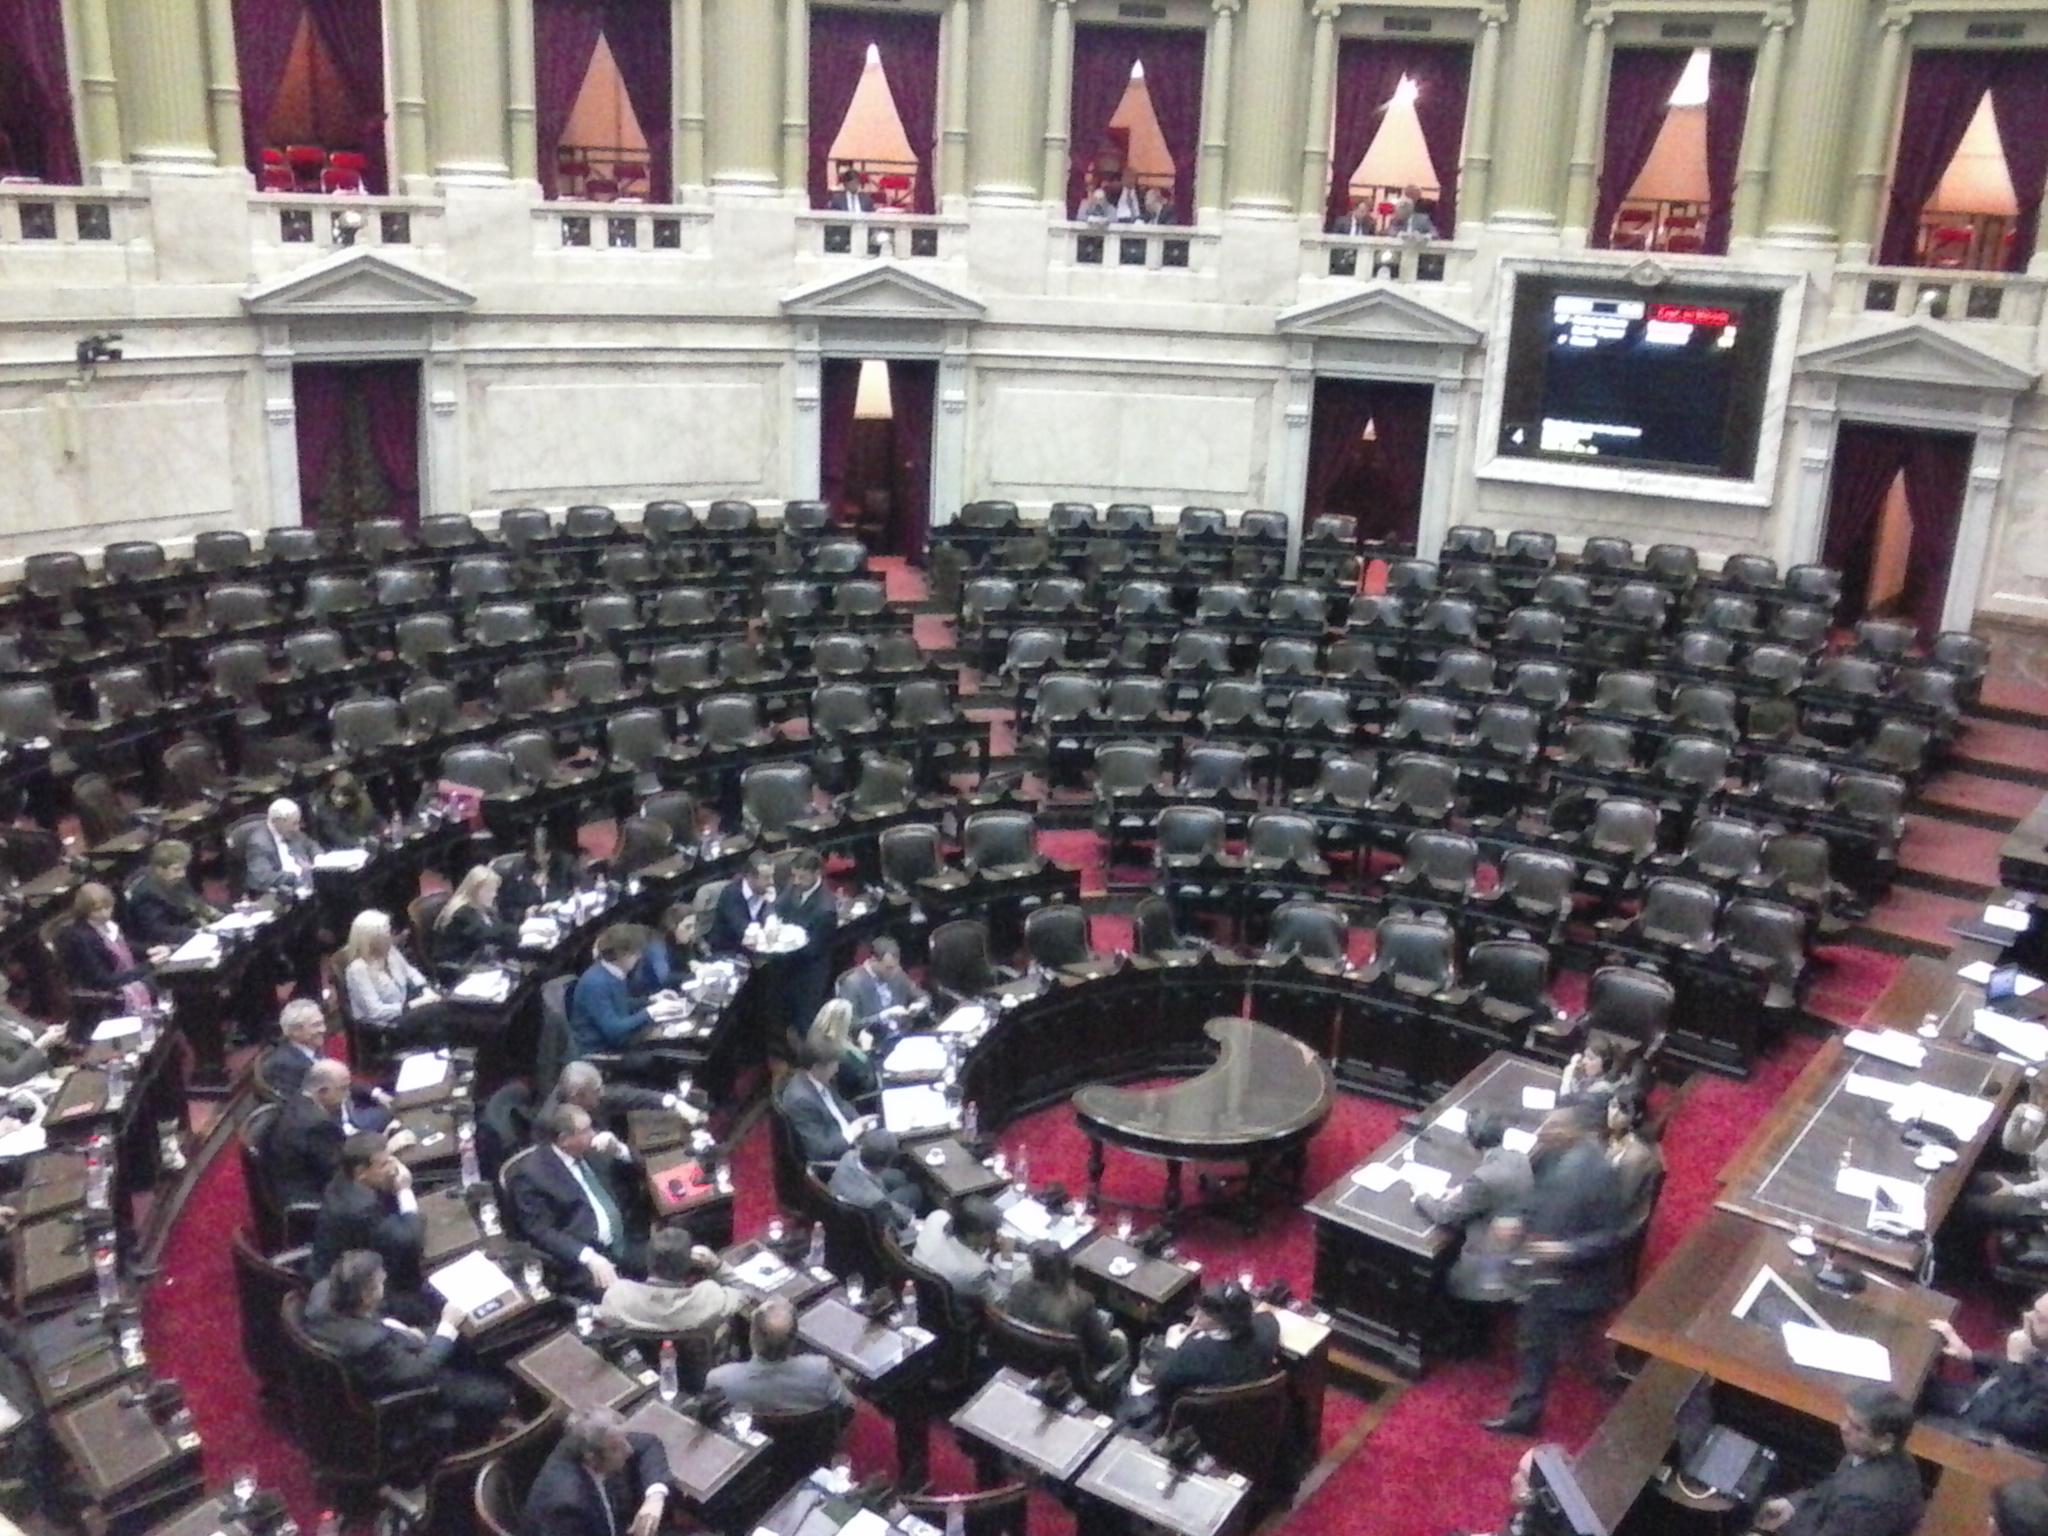 Legisladores de la oposición le reclamaron a Dominguez que la agenda se aboque solo en la transición